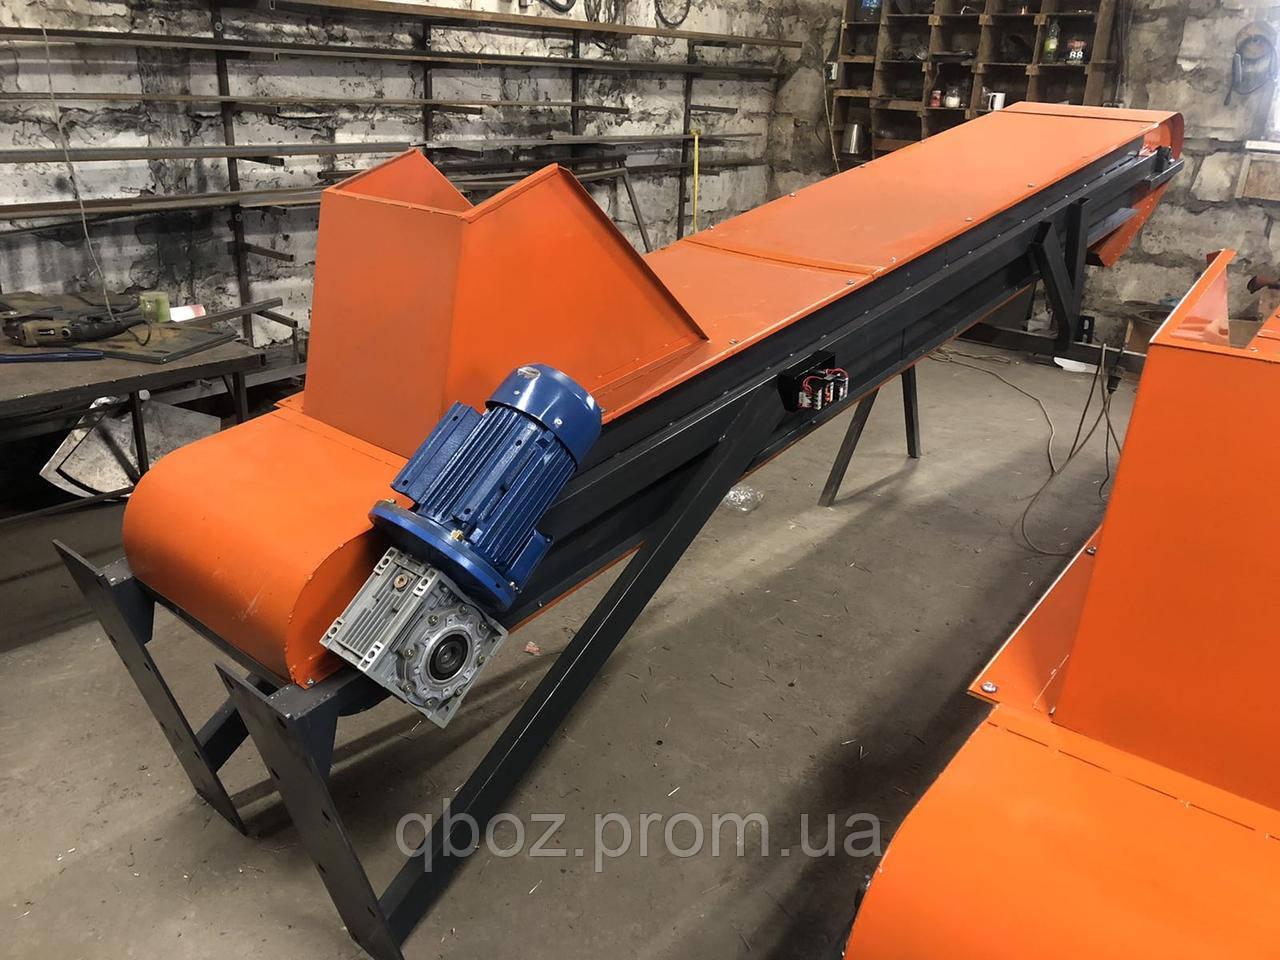 Ленточный конвейер, транспортёр ЛТ-2-400